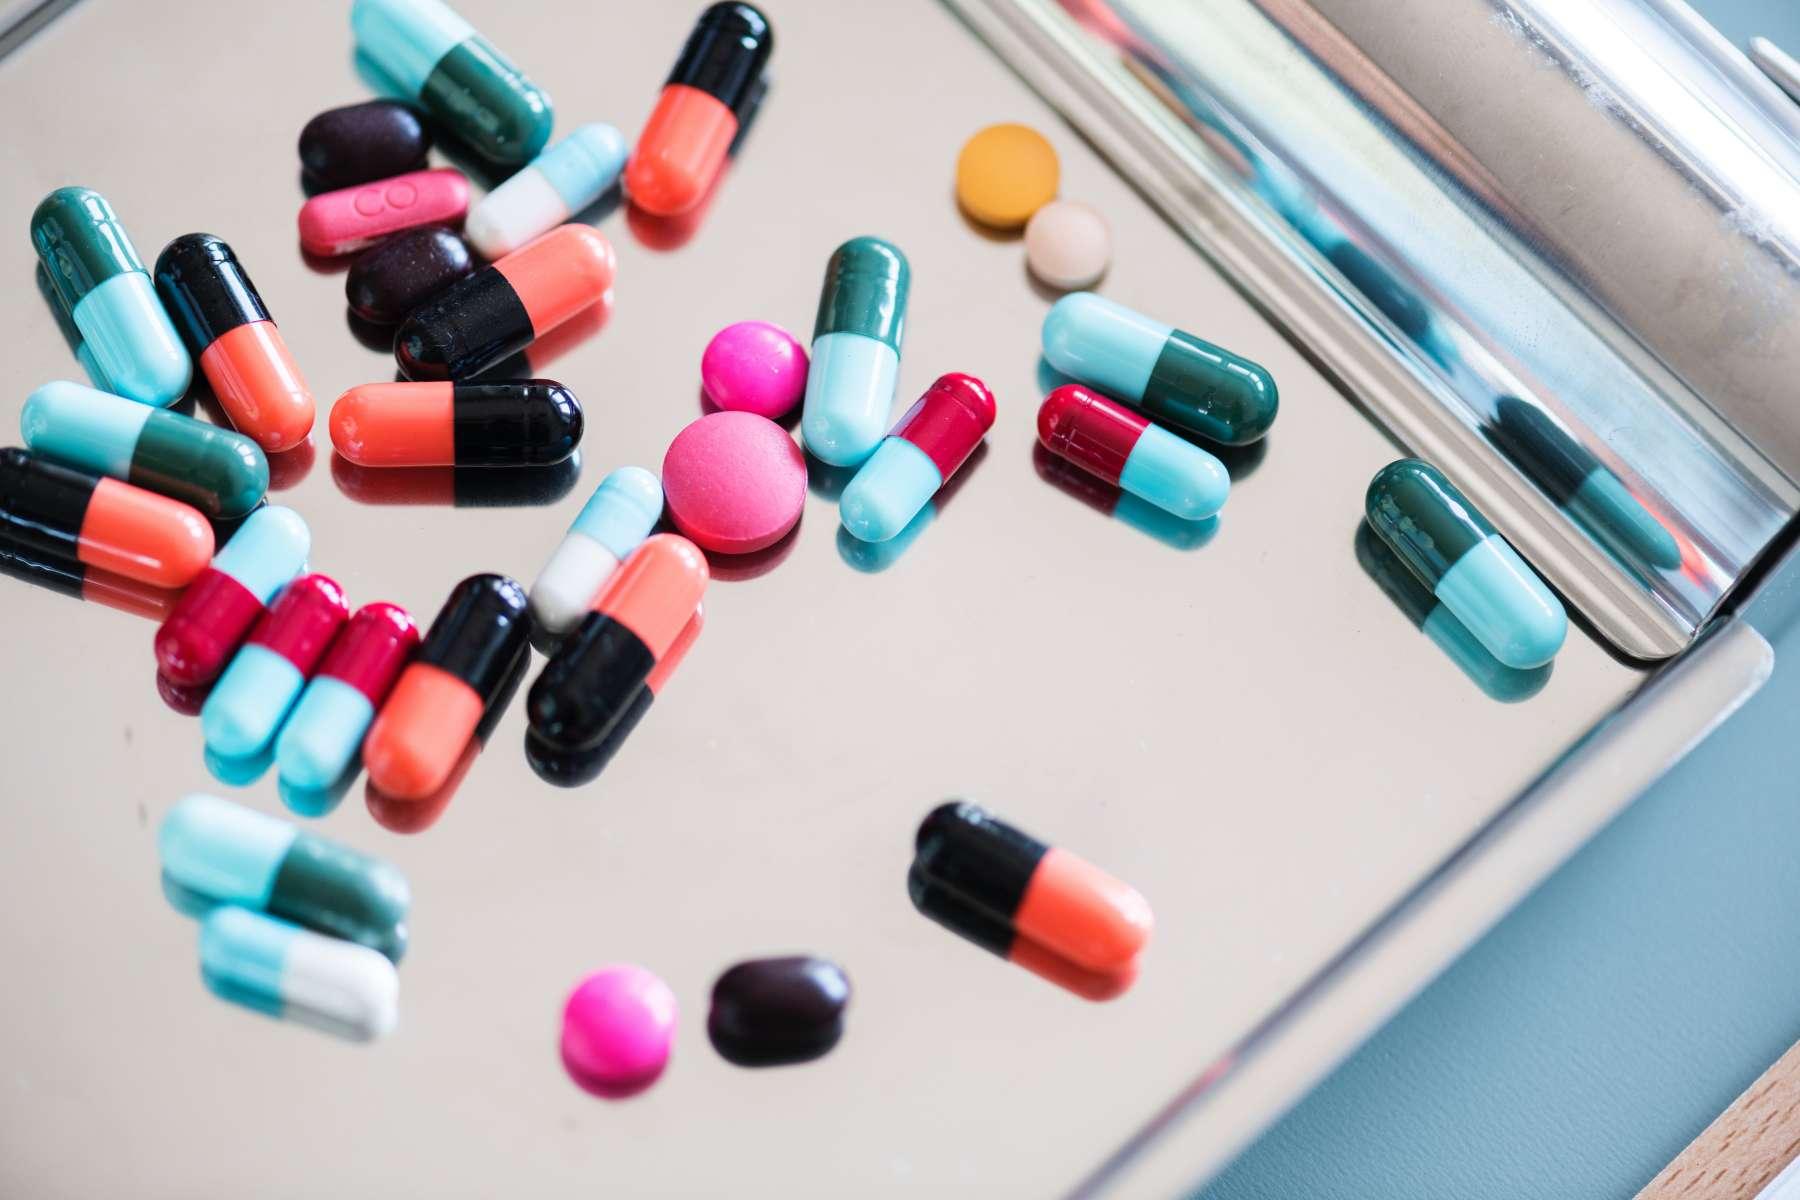 Médicaments délivrés sur ordonnance médicale: fin des suppléments